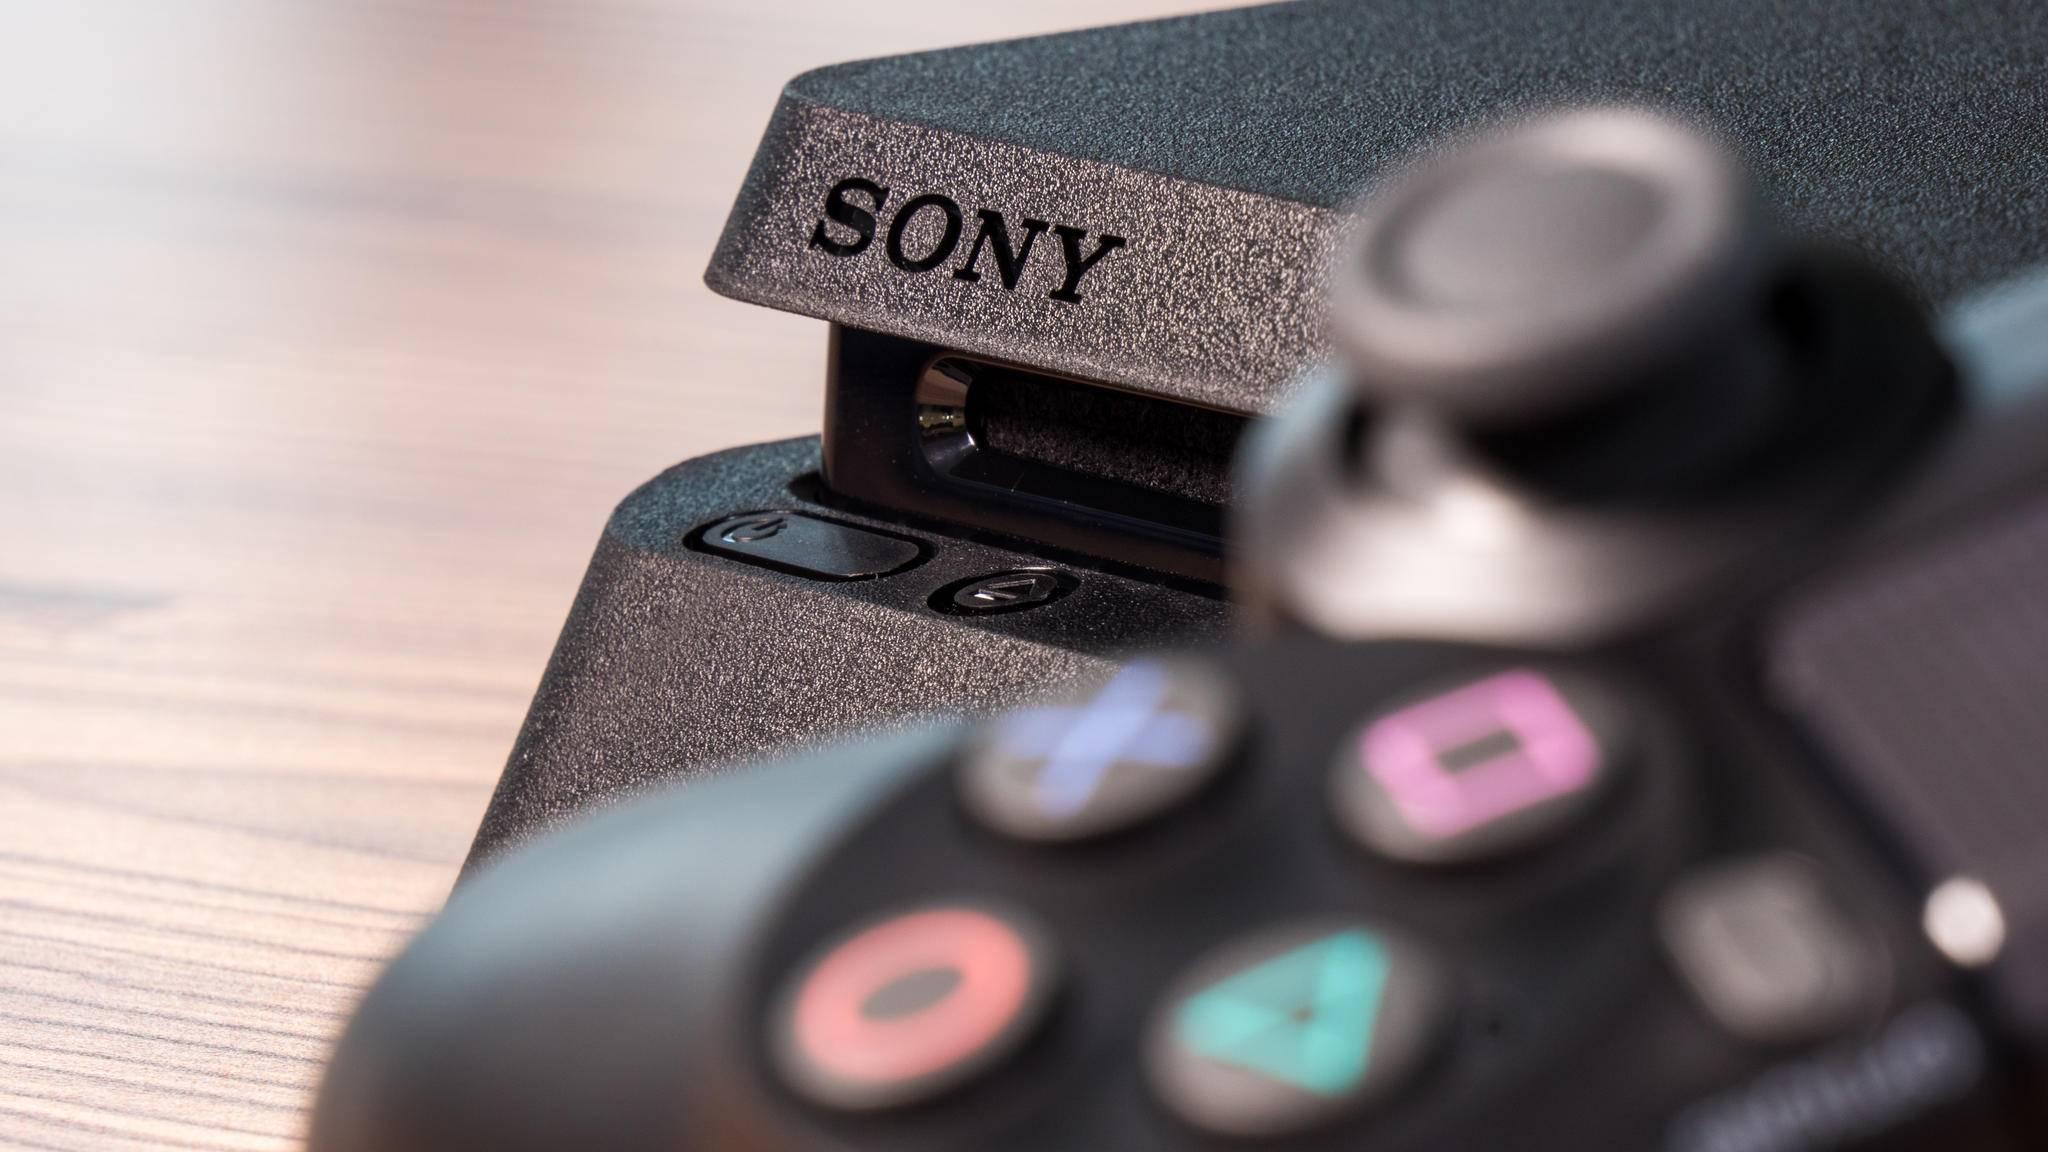 Für die neuen PlayStation-Software sucht Sony Betatester.